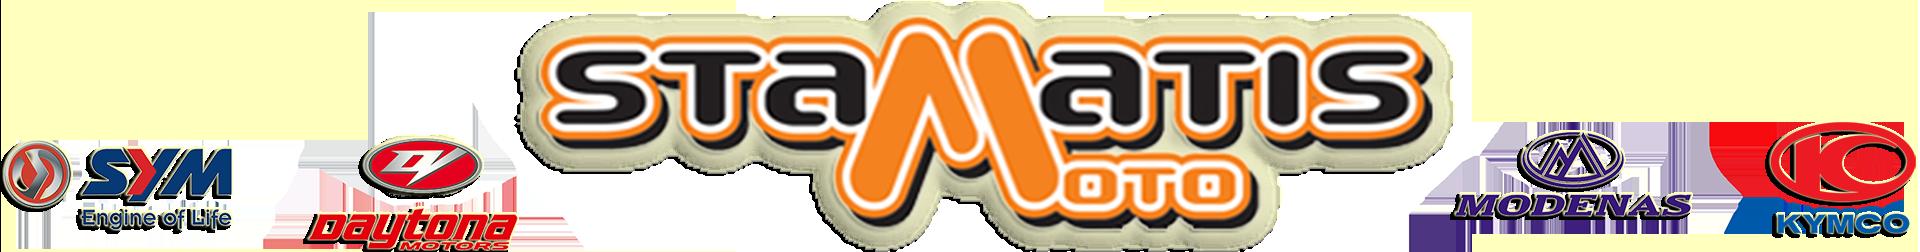 Συνεργείο & κατάστημα πωλήσεων ΜΟΤΟ STAMATIS | Ανταλλακτικά, Αξεσουάρ, Πωλήσεις, Επισκευές | Ποδήλατα, Μοτοσυκλέτες, ATV τετράροδα (γουρούνες)